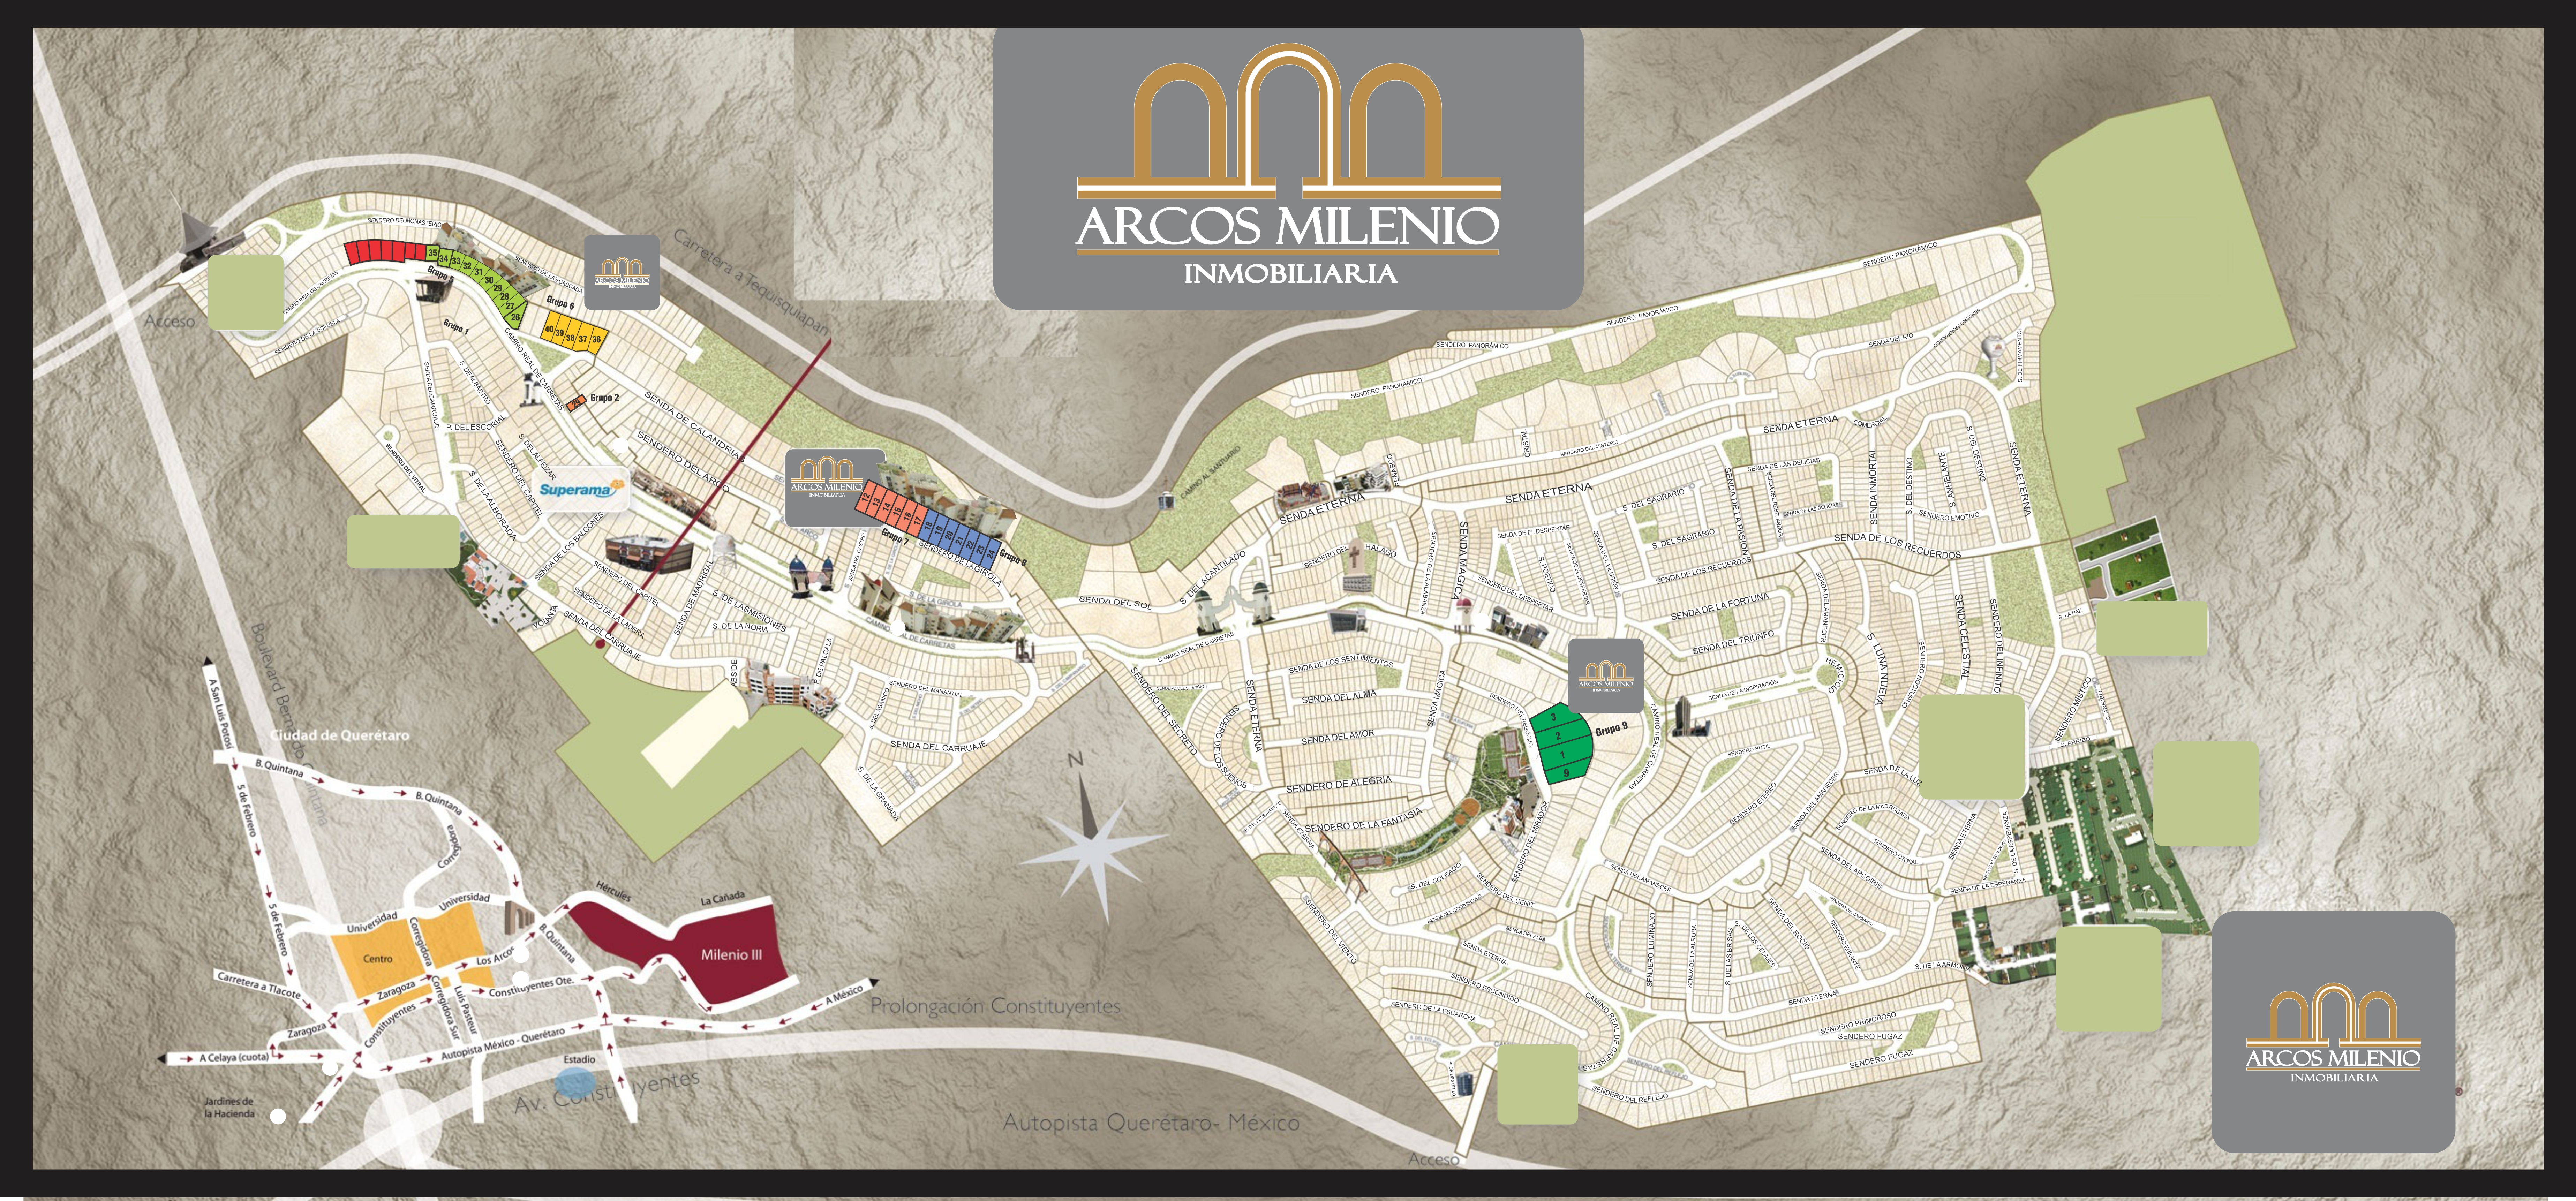 Arcos inmobiliaria milenio iii 3 for Inmobiliaria 4 arcos